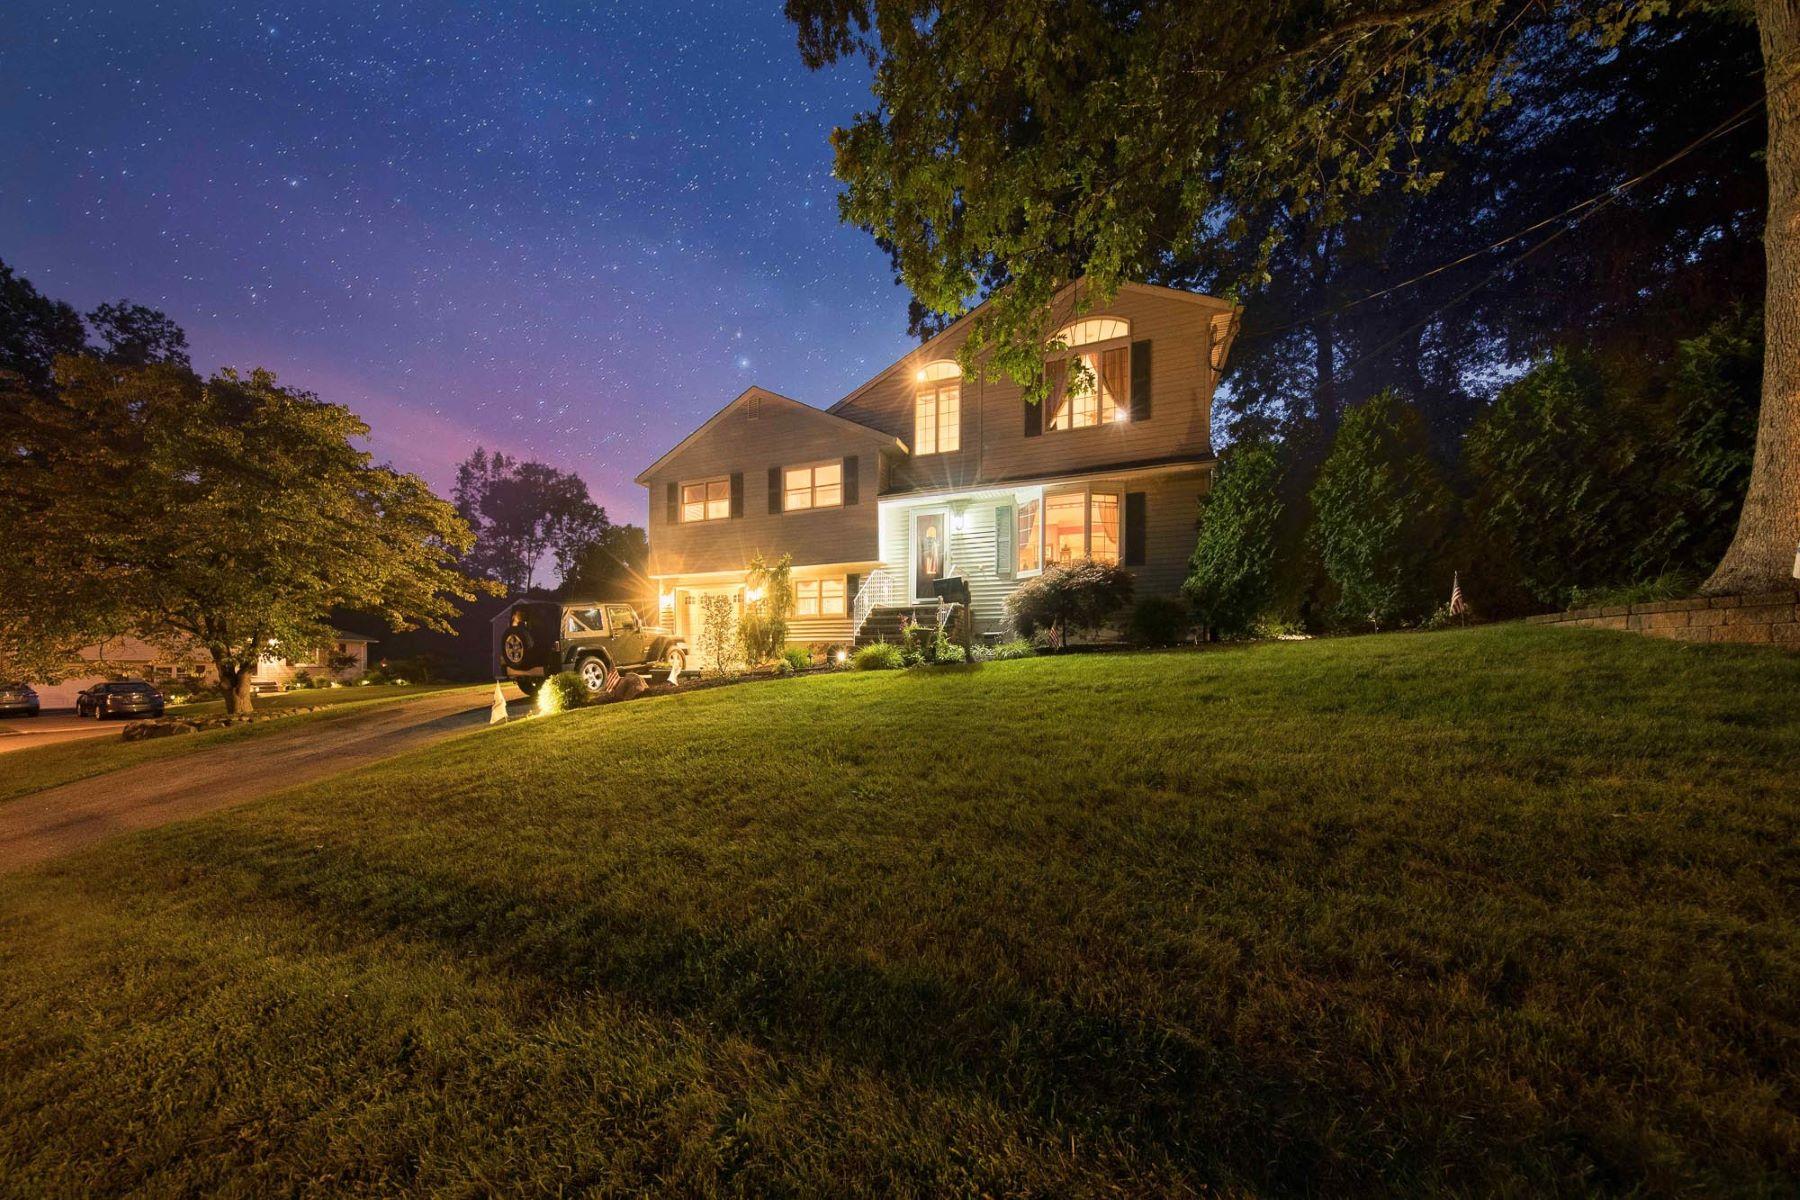 Частный односемейный дом для того Продажа на Beautiful Home 2 Hemlock St, Montvale, Нью-Джерси, 07645 Соединенные Штаты